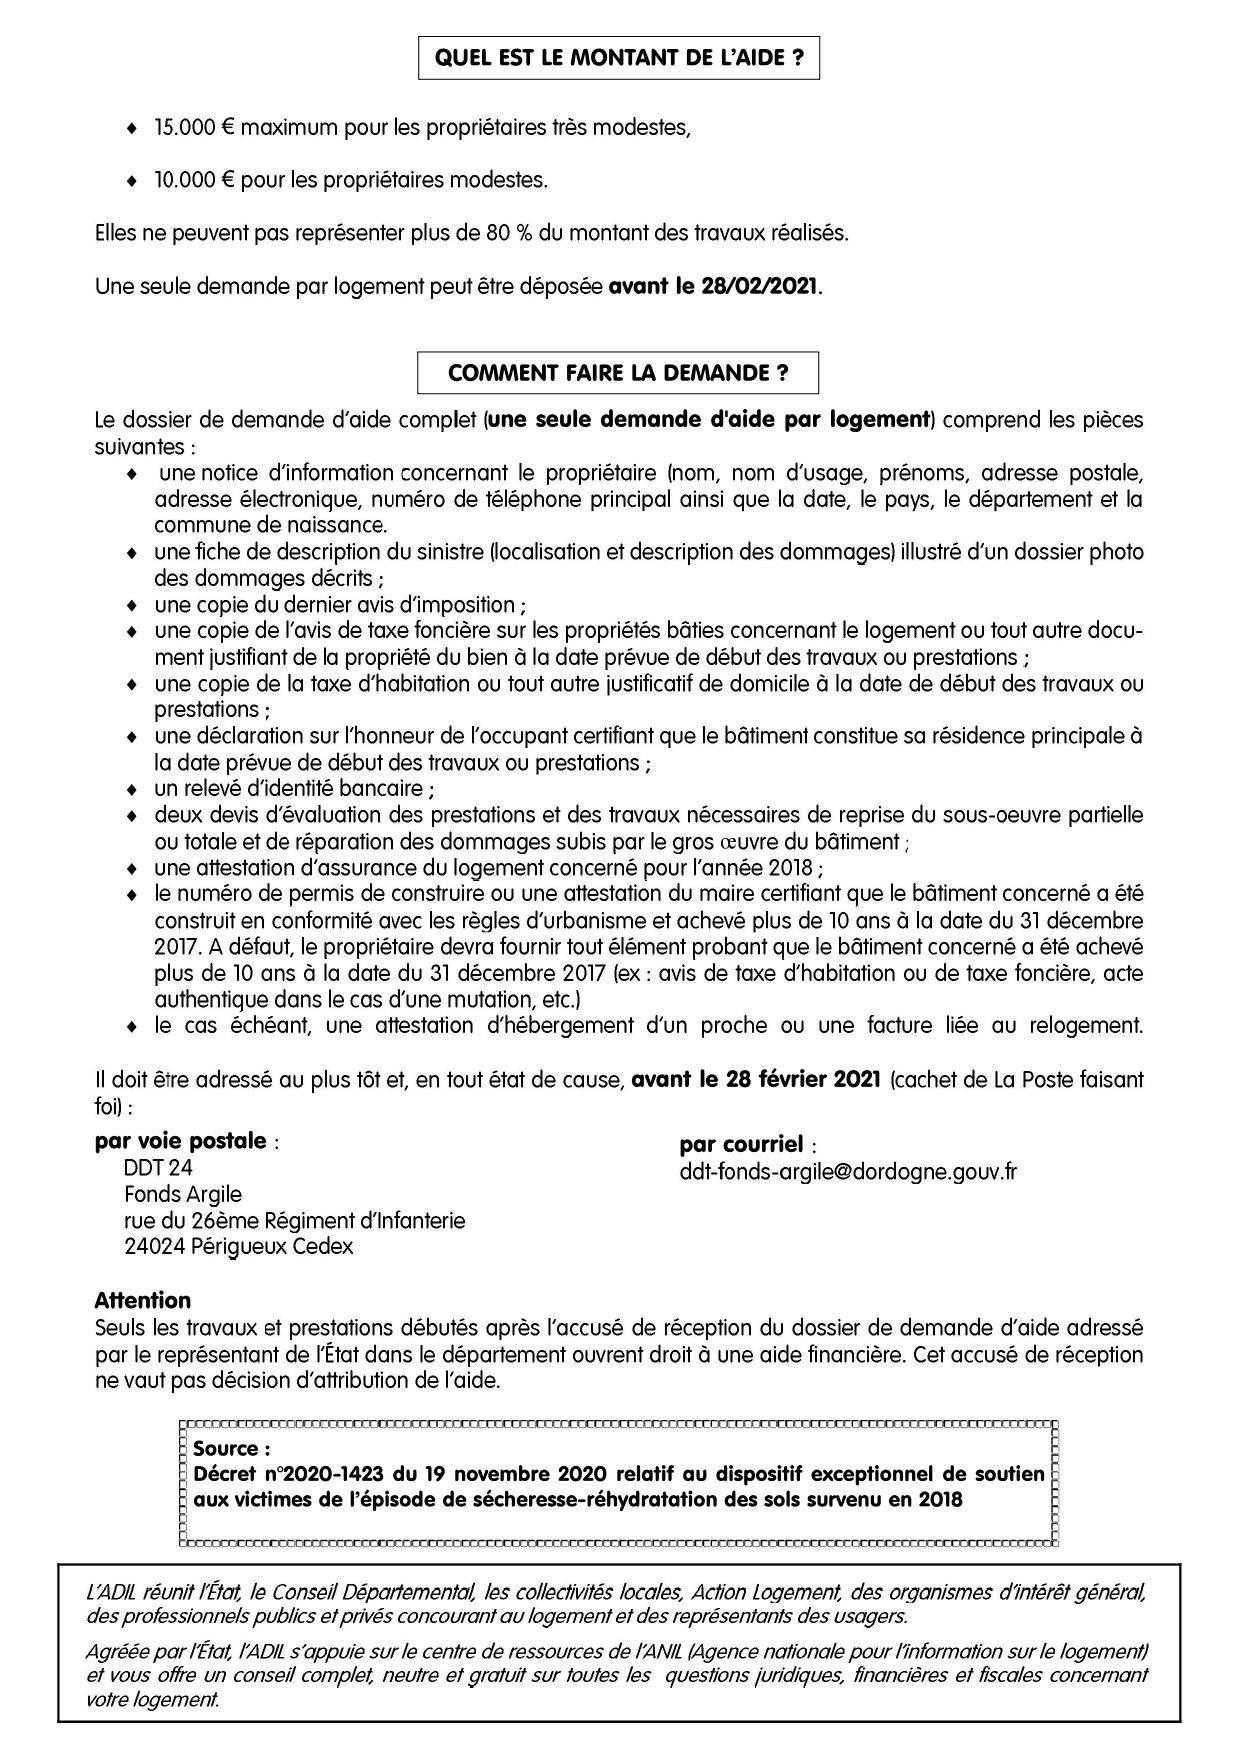 ADIL info flash dec 2020 Aide exceptionnelle sechersse rehydration des sols_page-0002.jpg